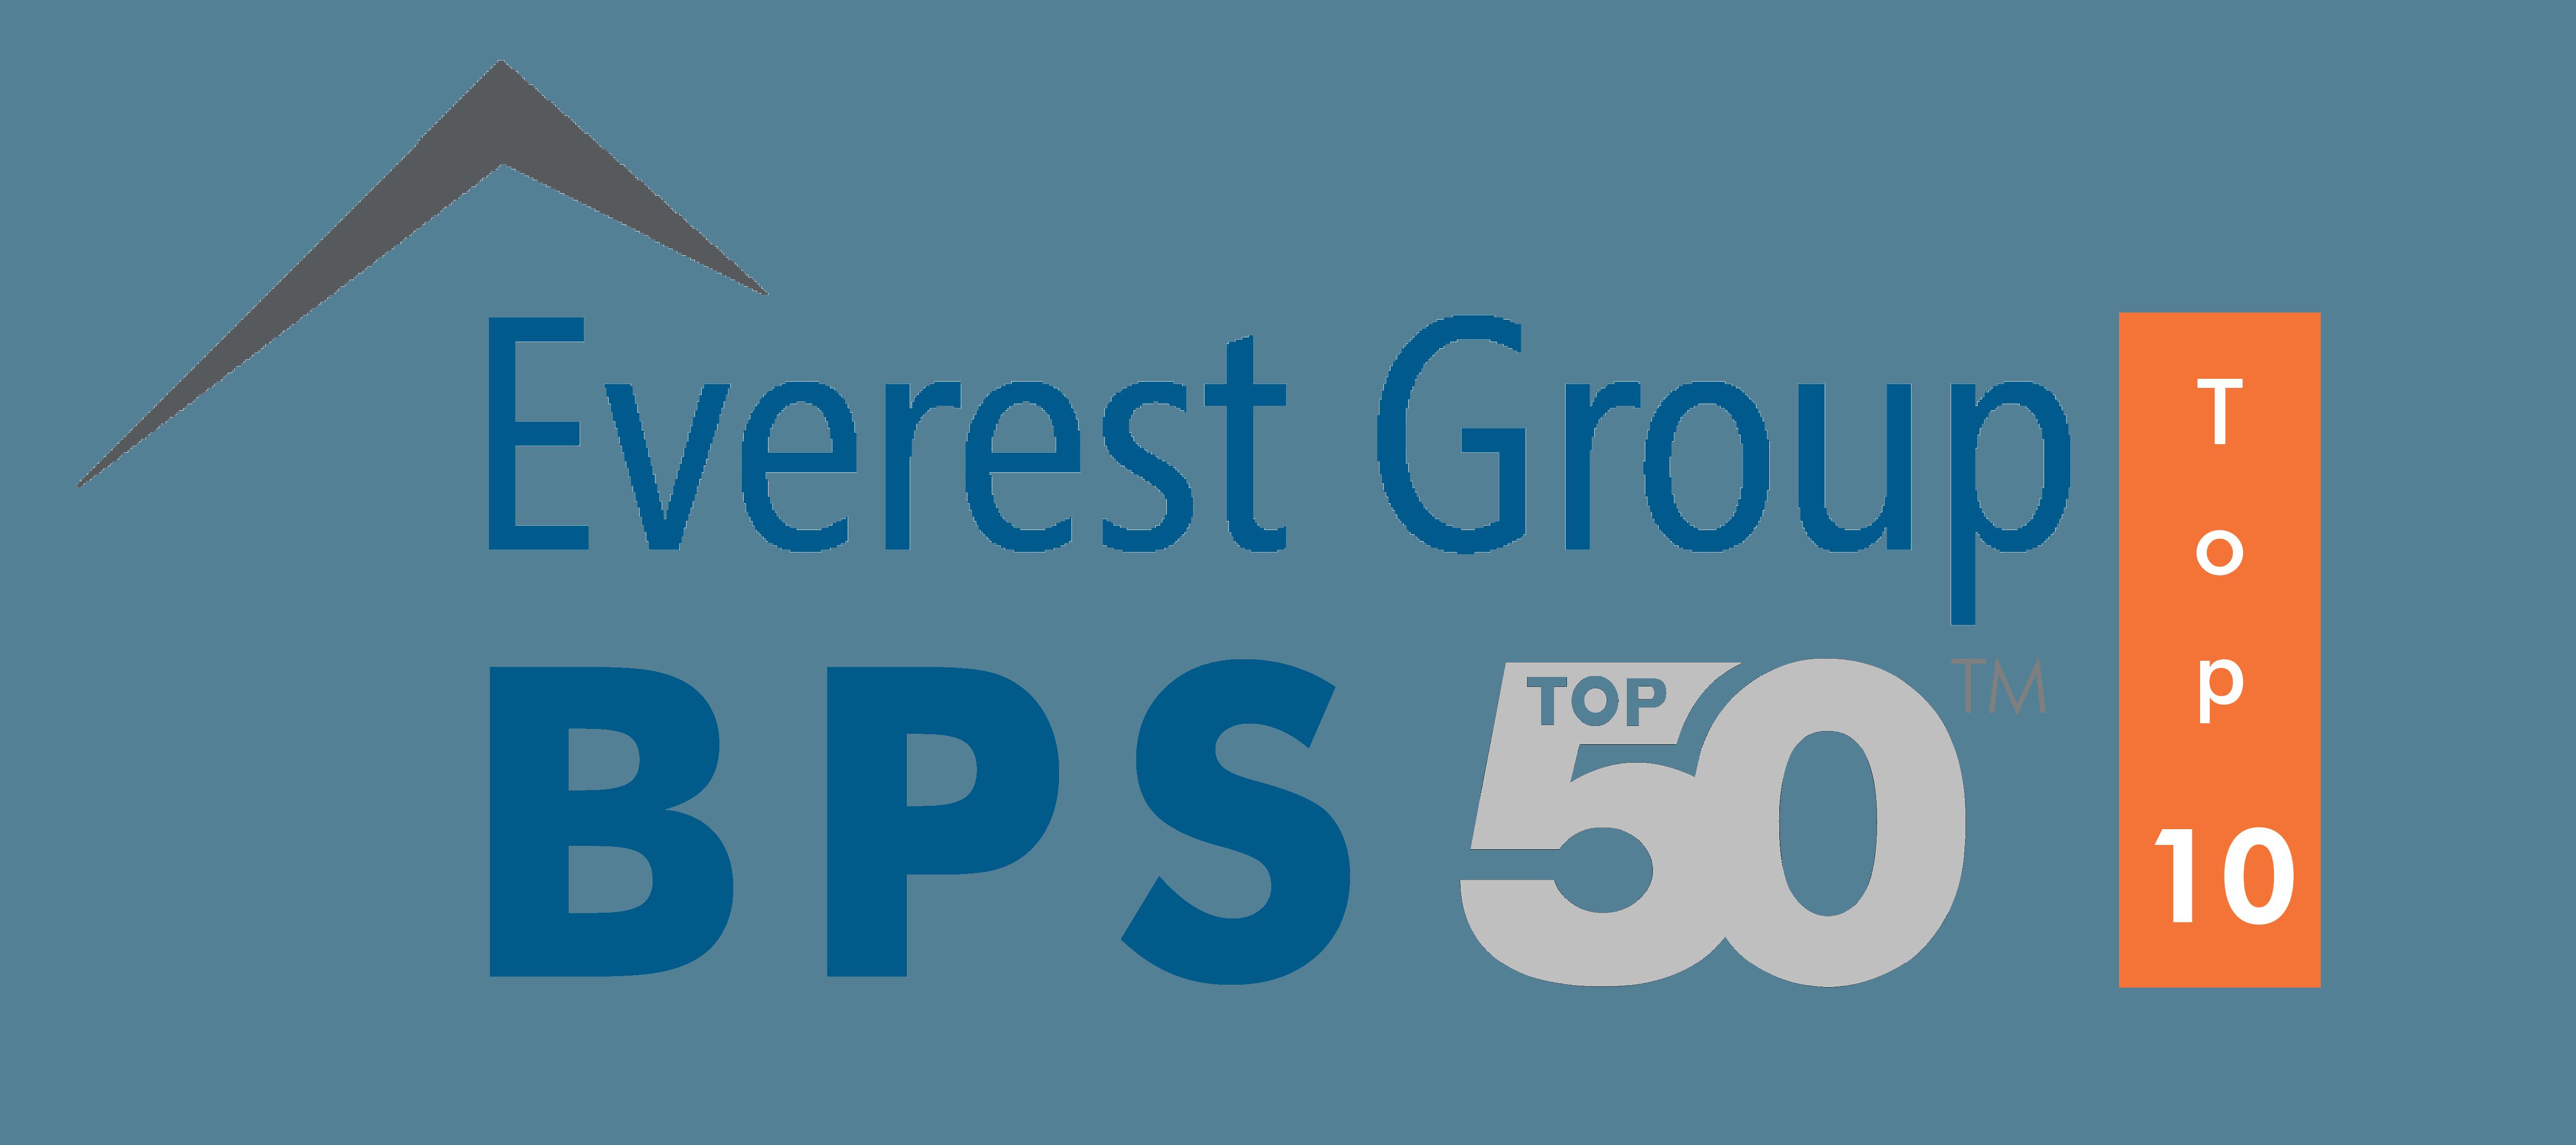 BPS Top-50-Logo 2021